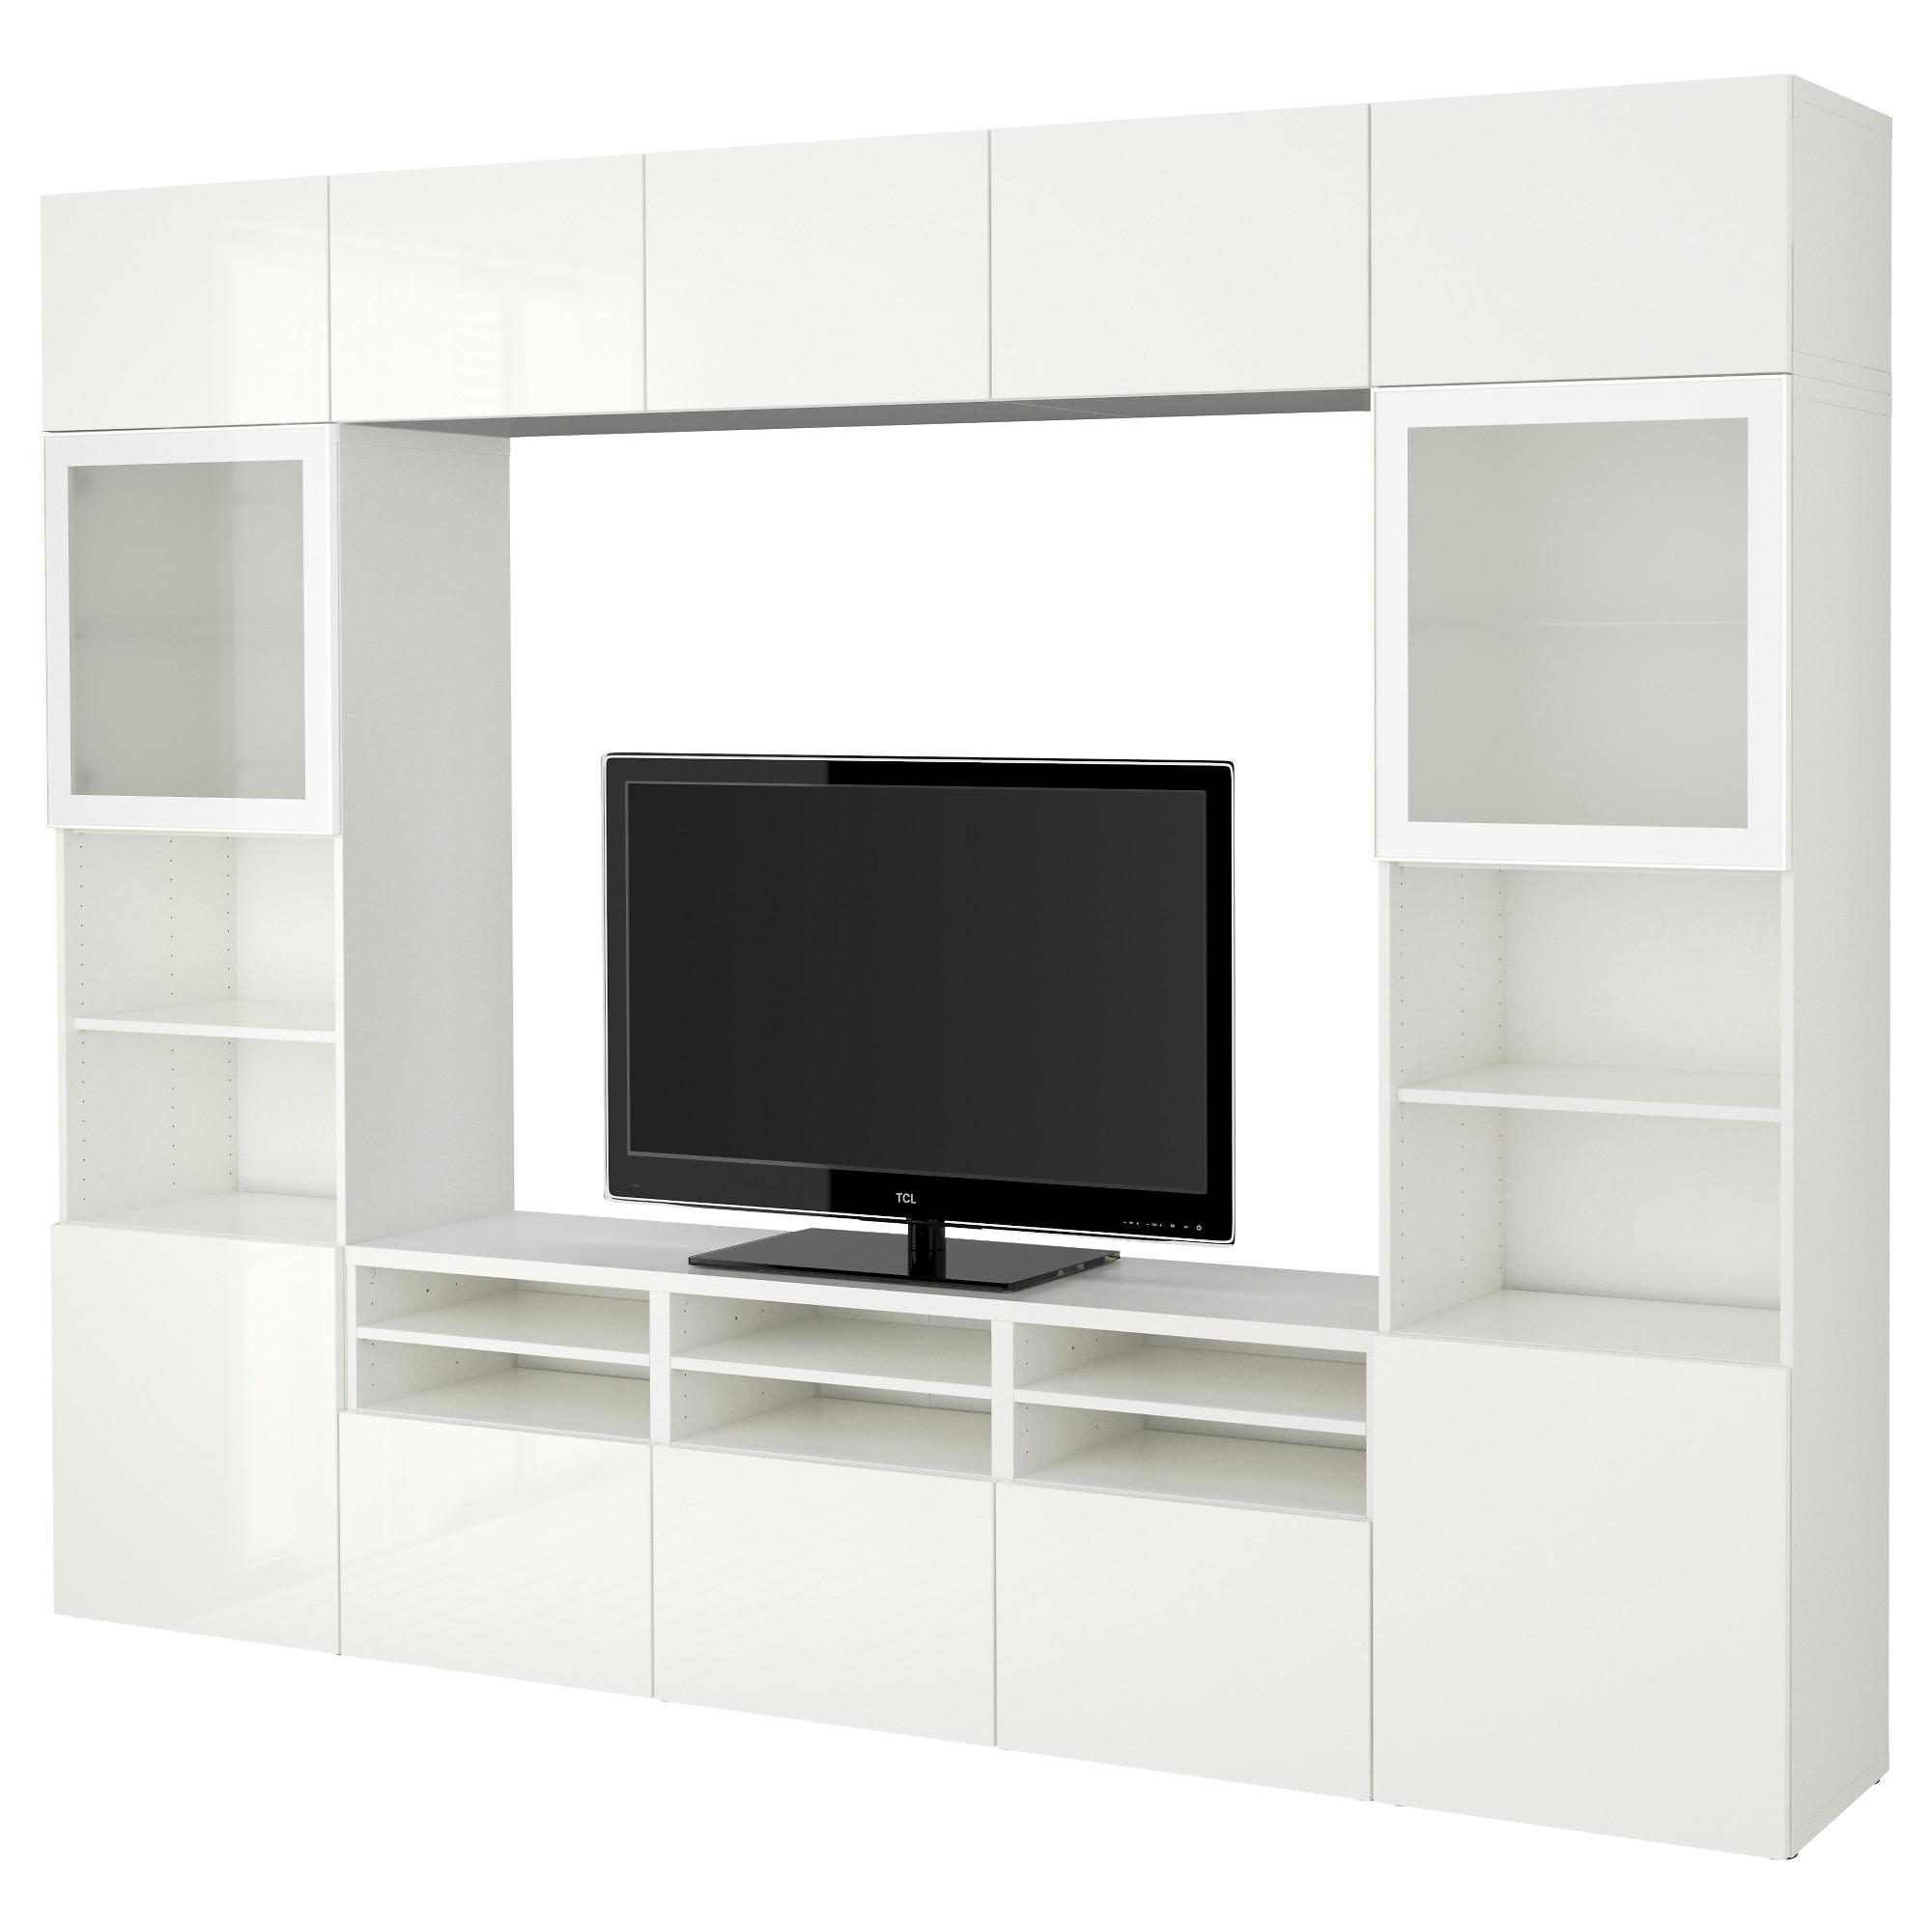 Ikea wall bracket for besta interessante - Muebles del ikea ...